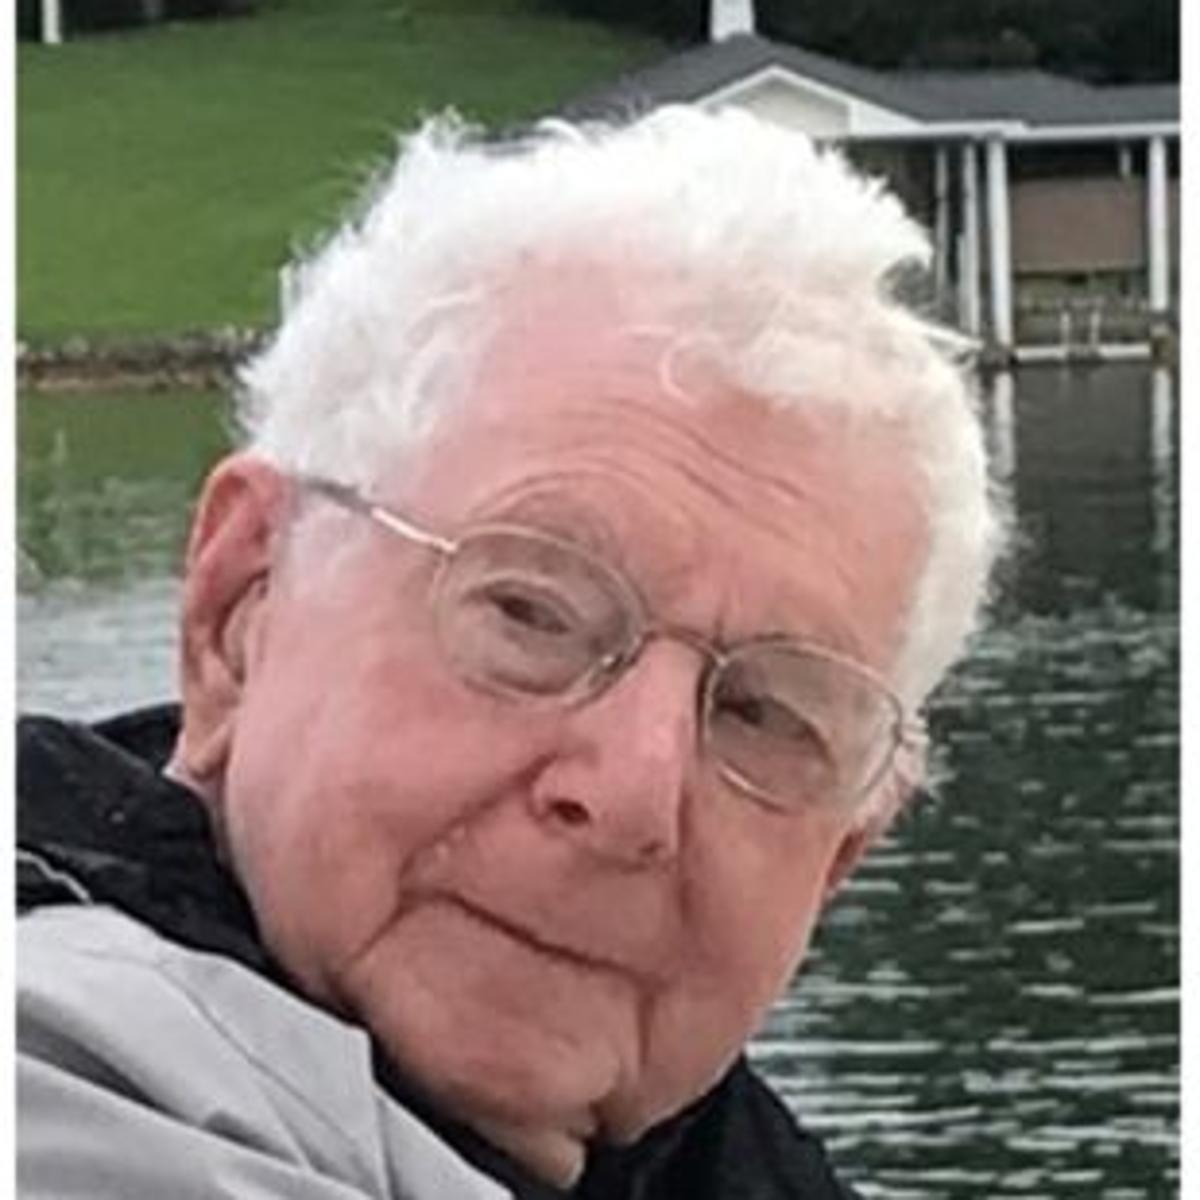 bristow faulkner funeral home saluda virginia obituaries